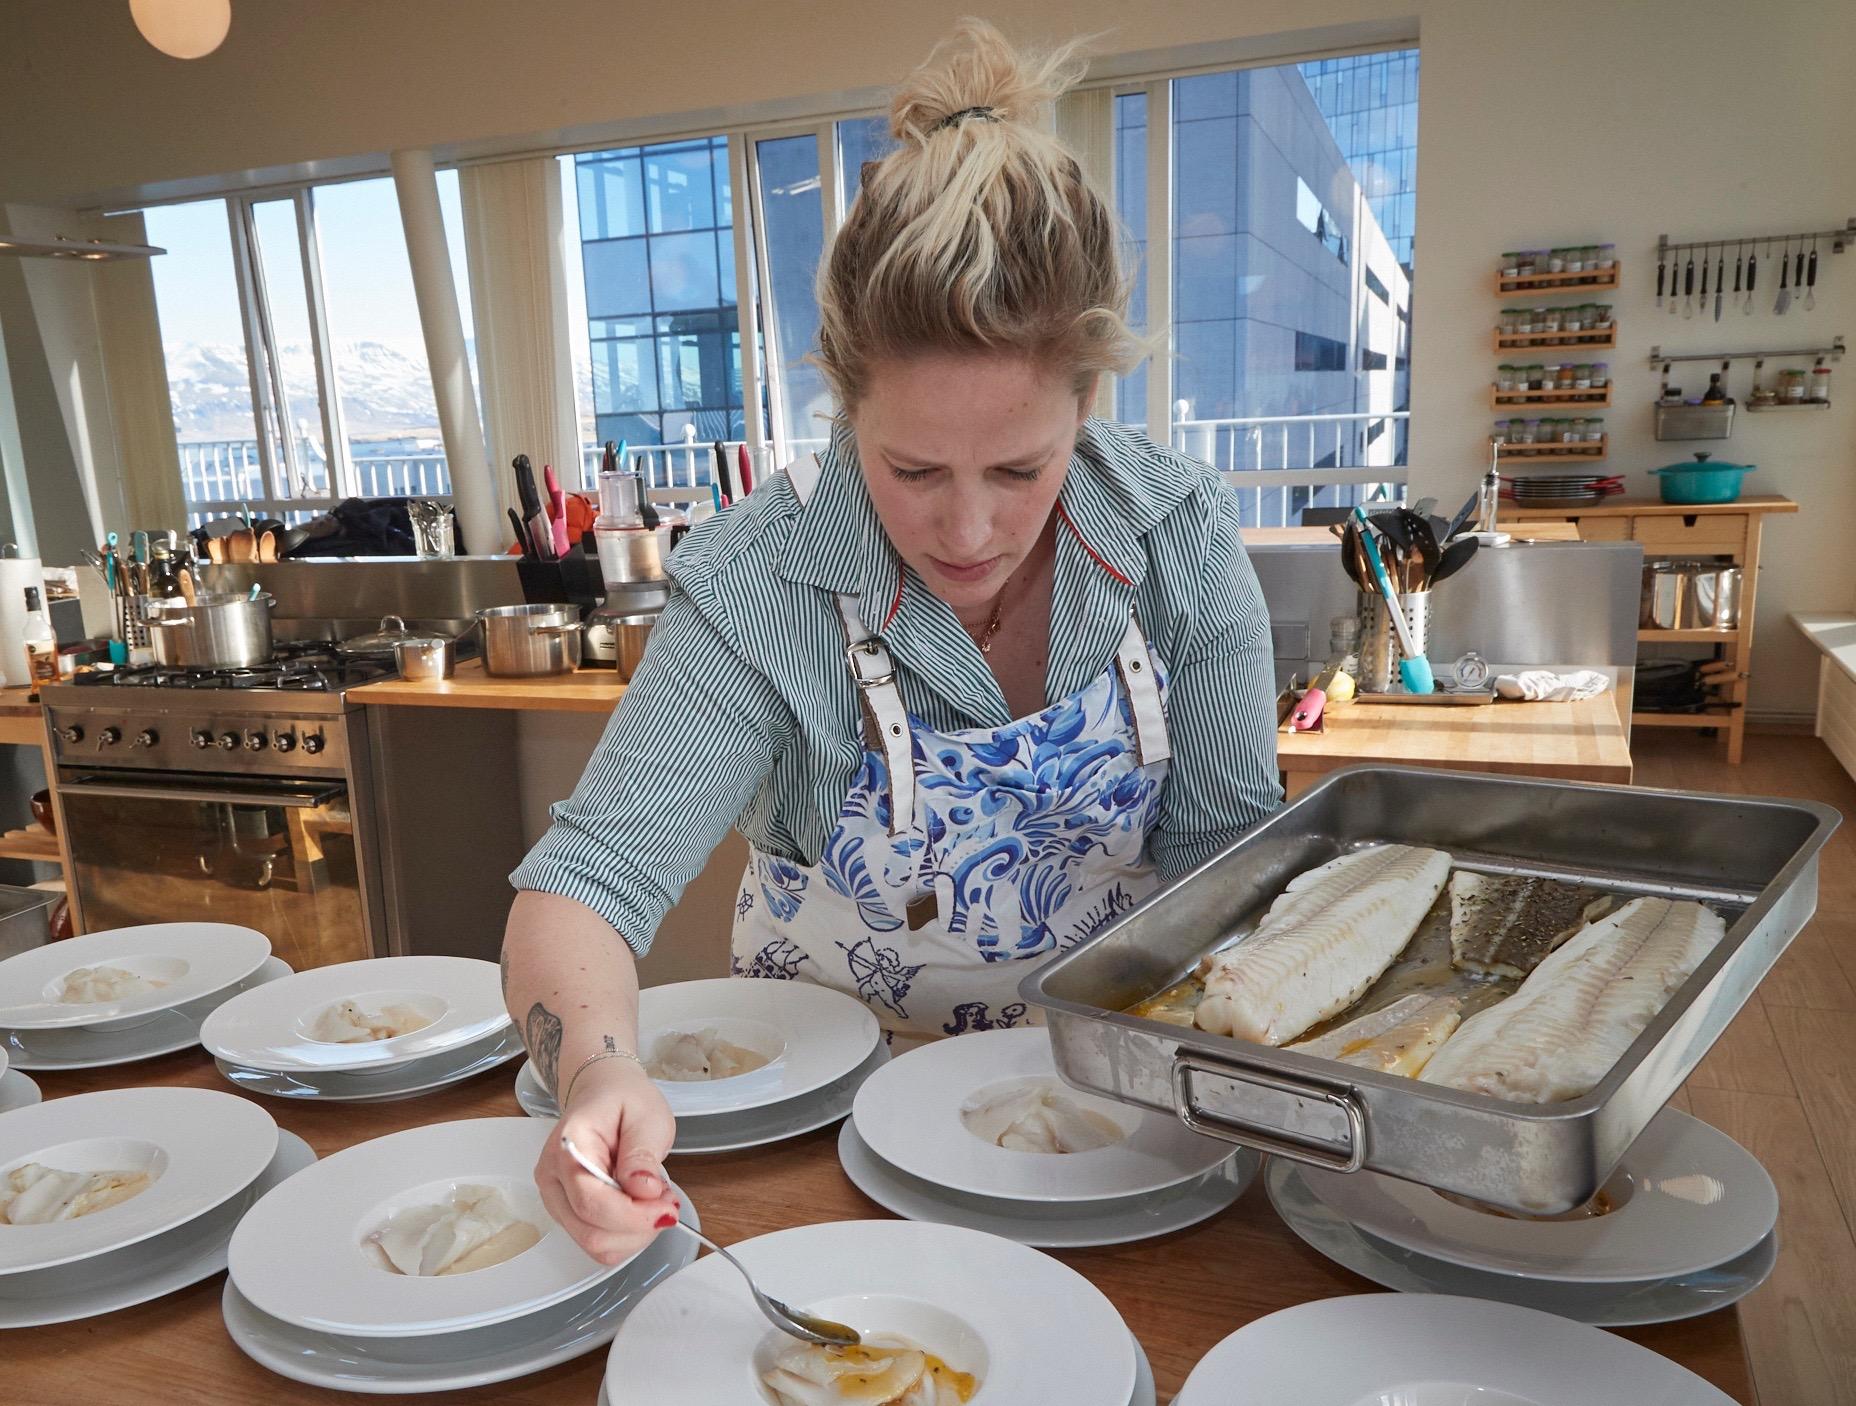 chefs de cozinha mulheres kamilla seidler